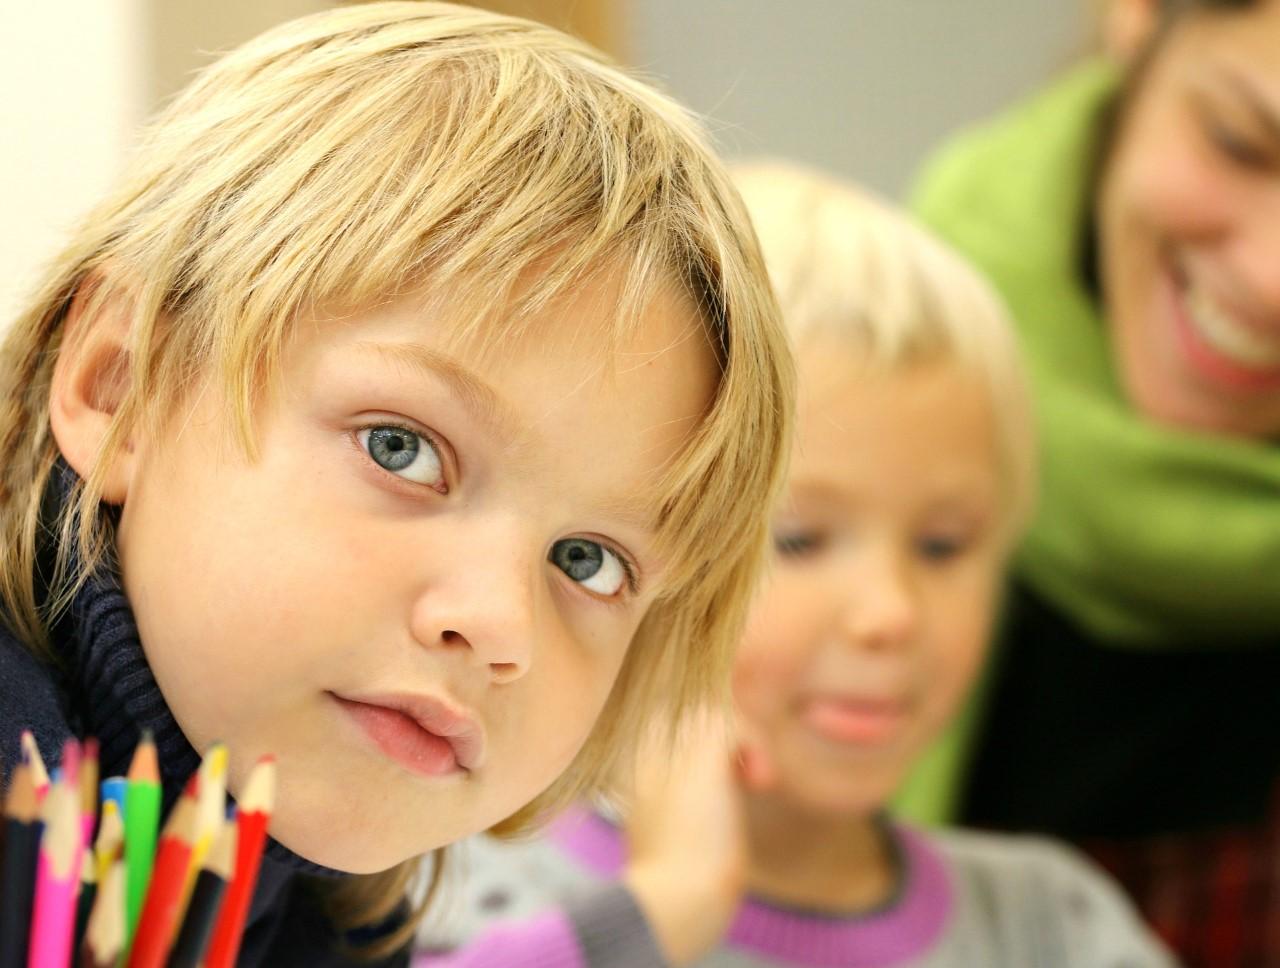 Kaksi vaaleahiuksista lasta, joista toinen katsoo suoraan kameraan. Etualalla kynäpurkki. Taustalla näkyvissä osittain aikuinen.